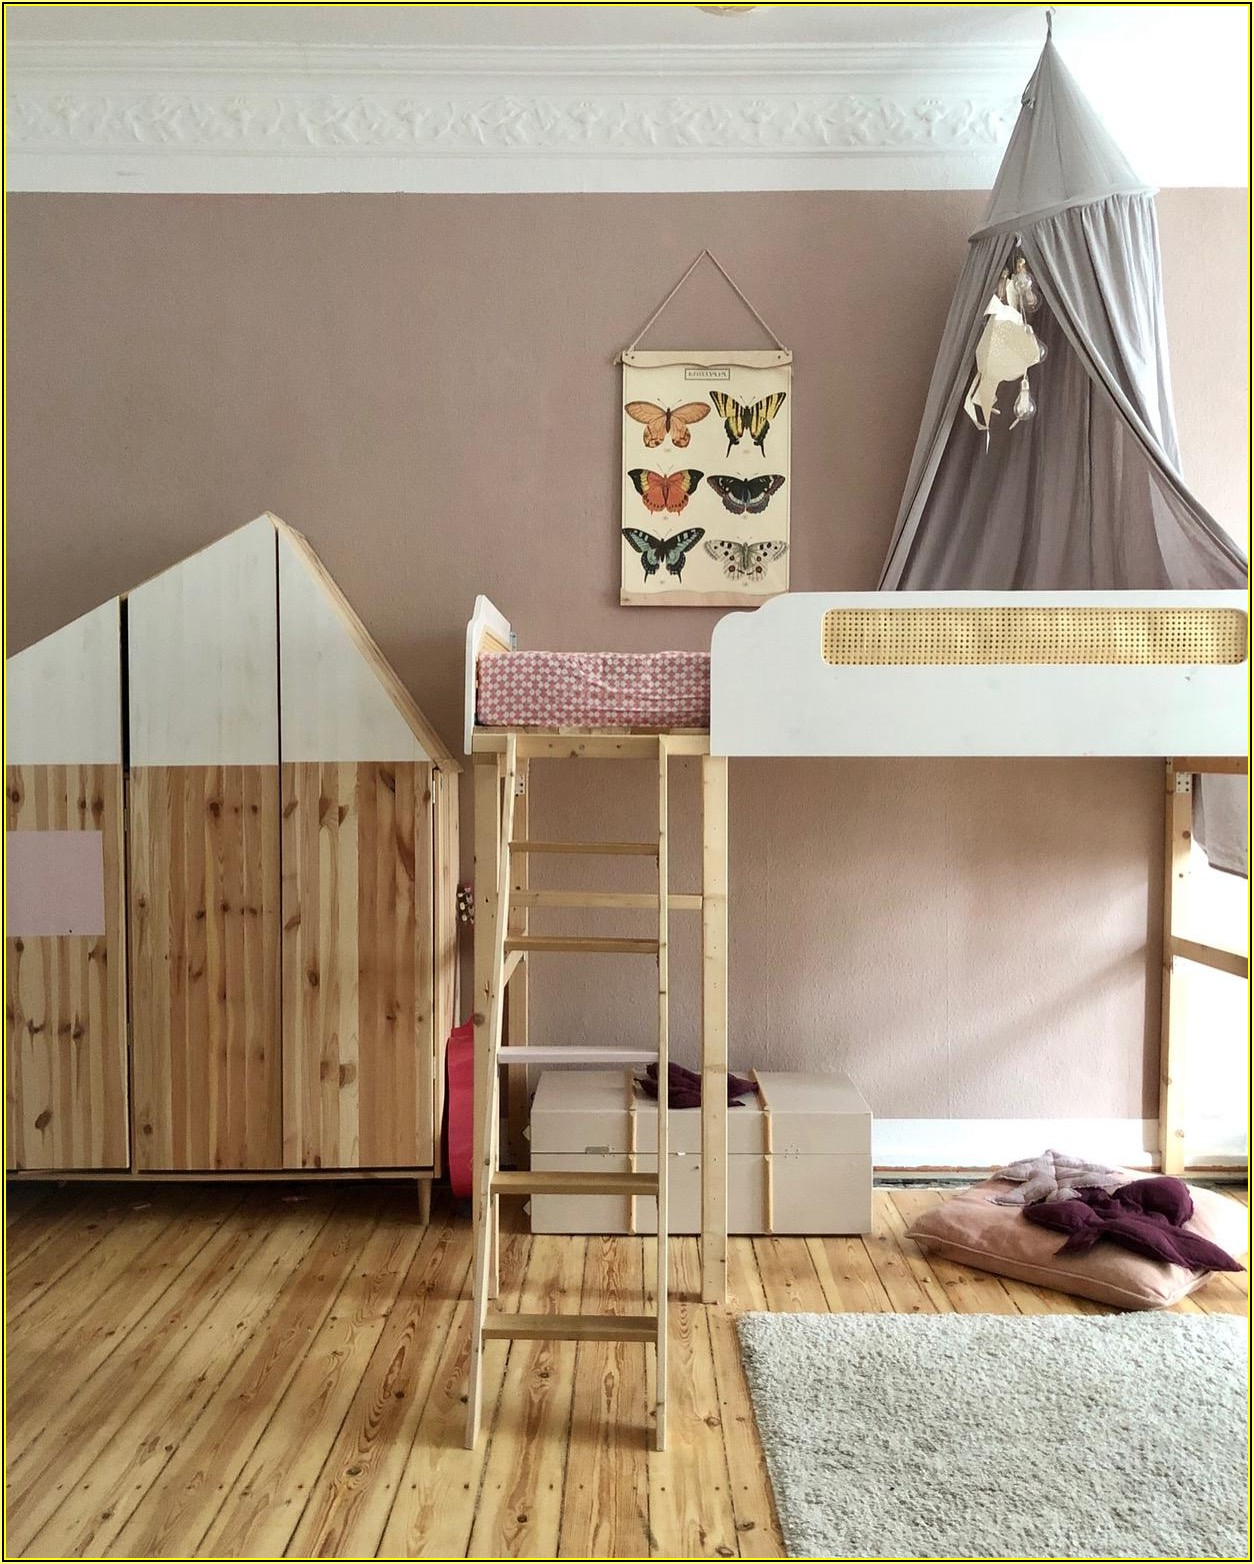 Kinderzimmer Wie Möbel Stellen